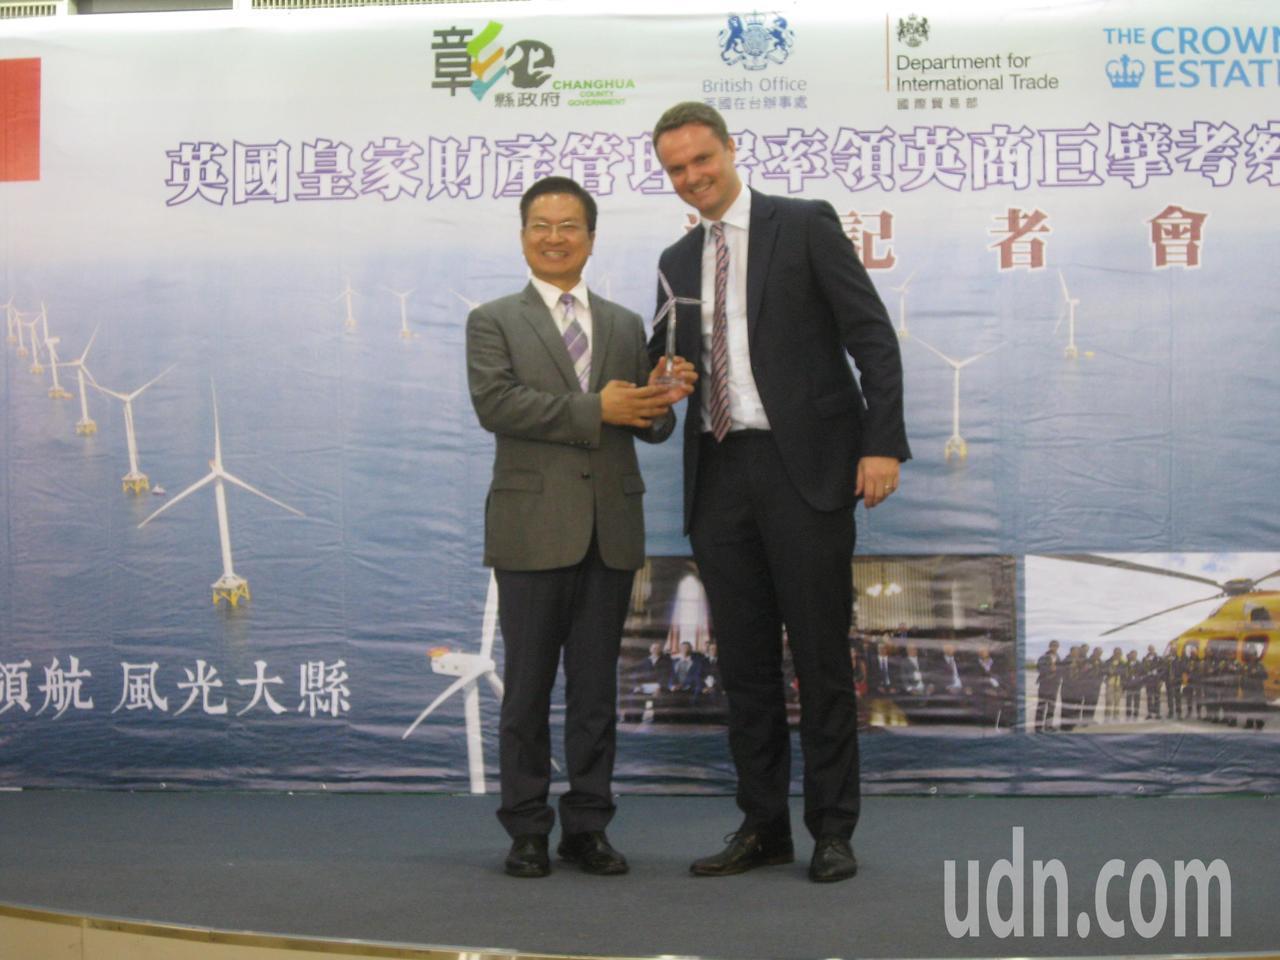 彰化縣長魏明谷(左)贈送琉璃風機模型,英國在台辦事處副代表畢騰安十分驚喜。記者簡...